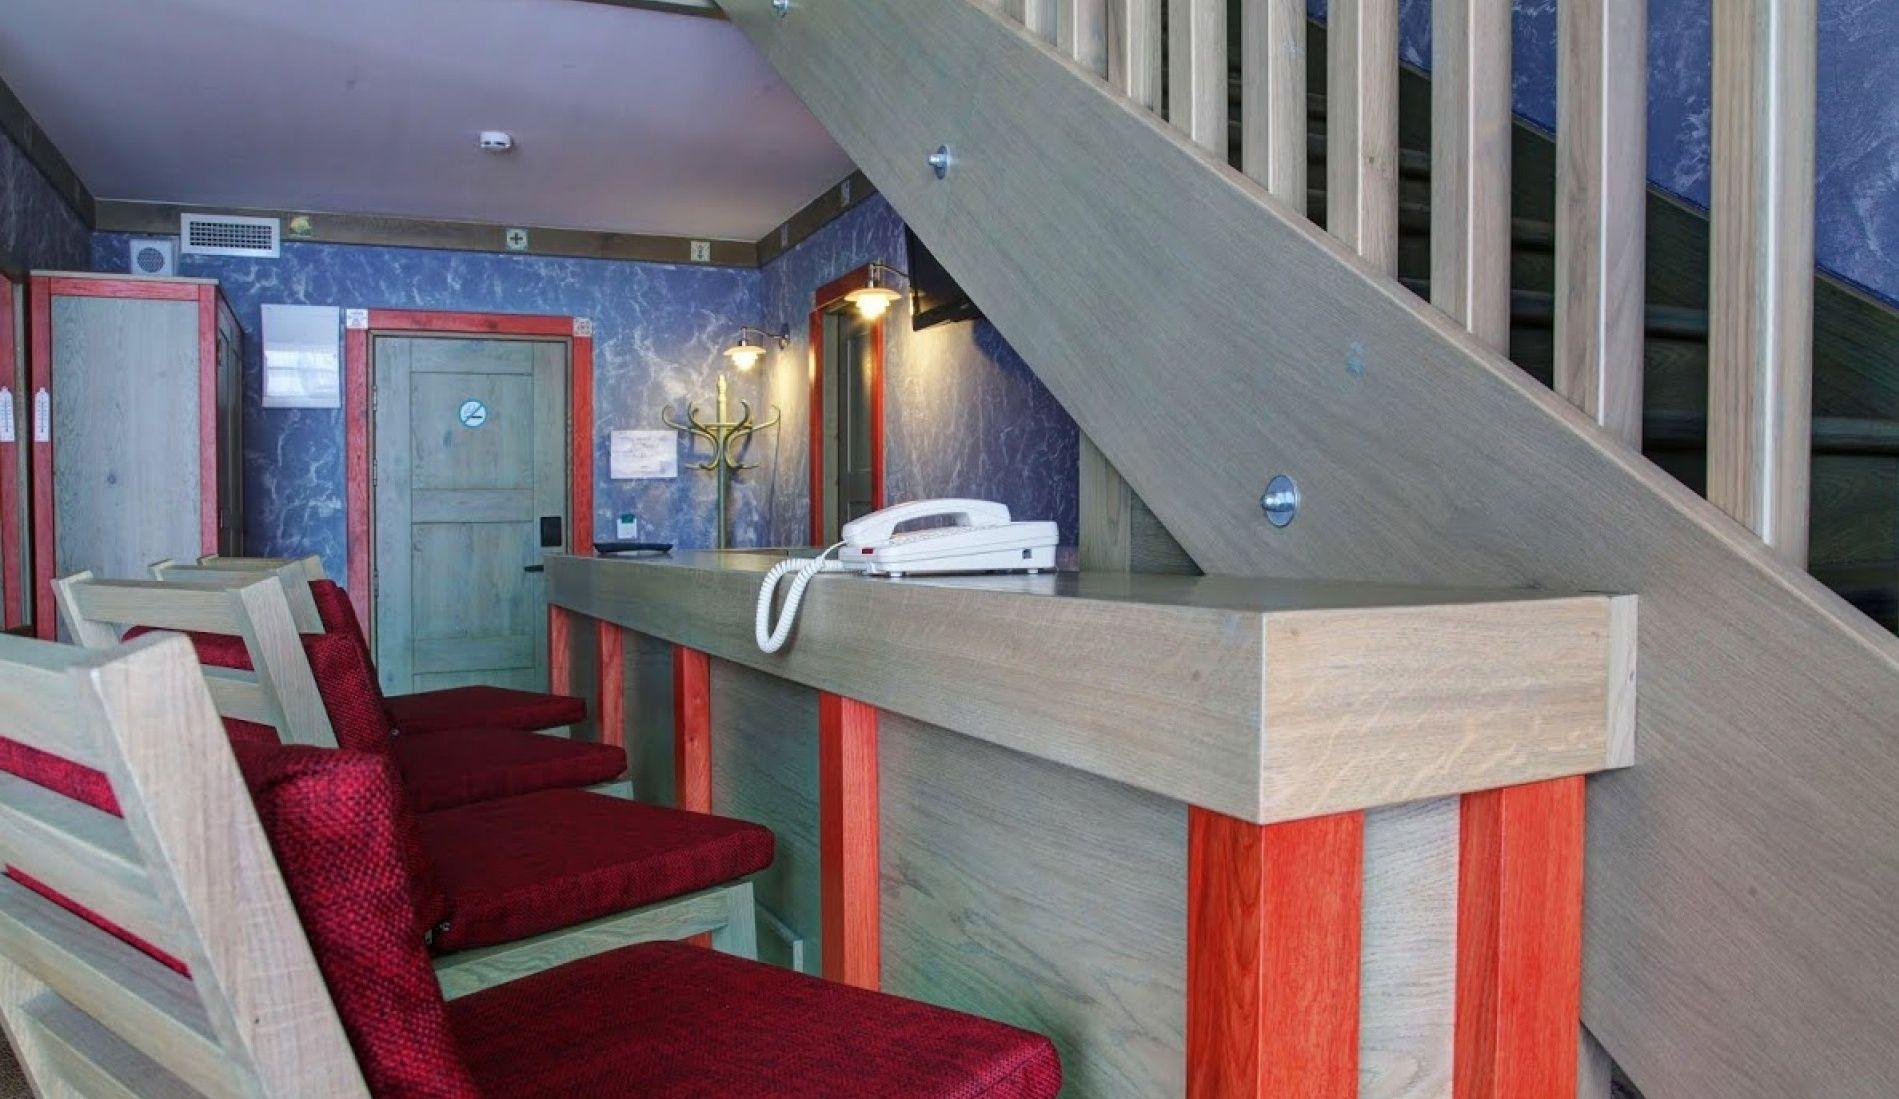 Эвент-отель «Конаково Ривер Клаб» Тверская область Номер «Апартаменты», фото 4